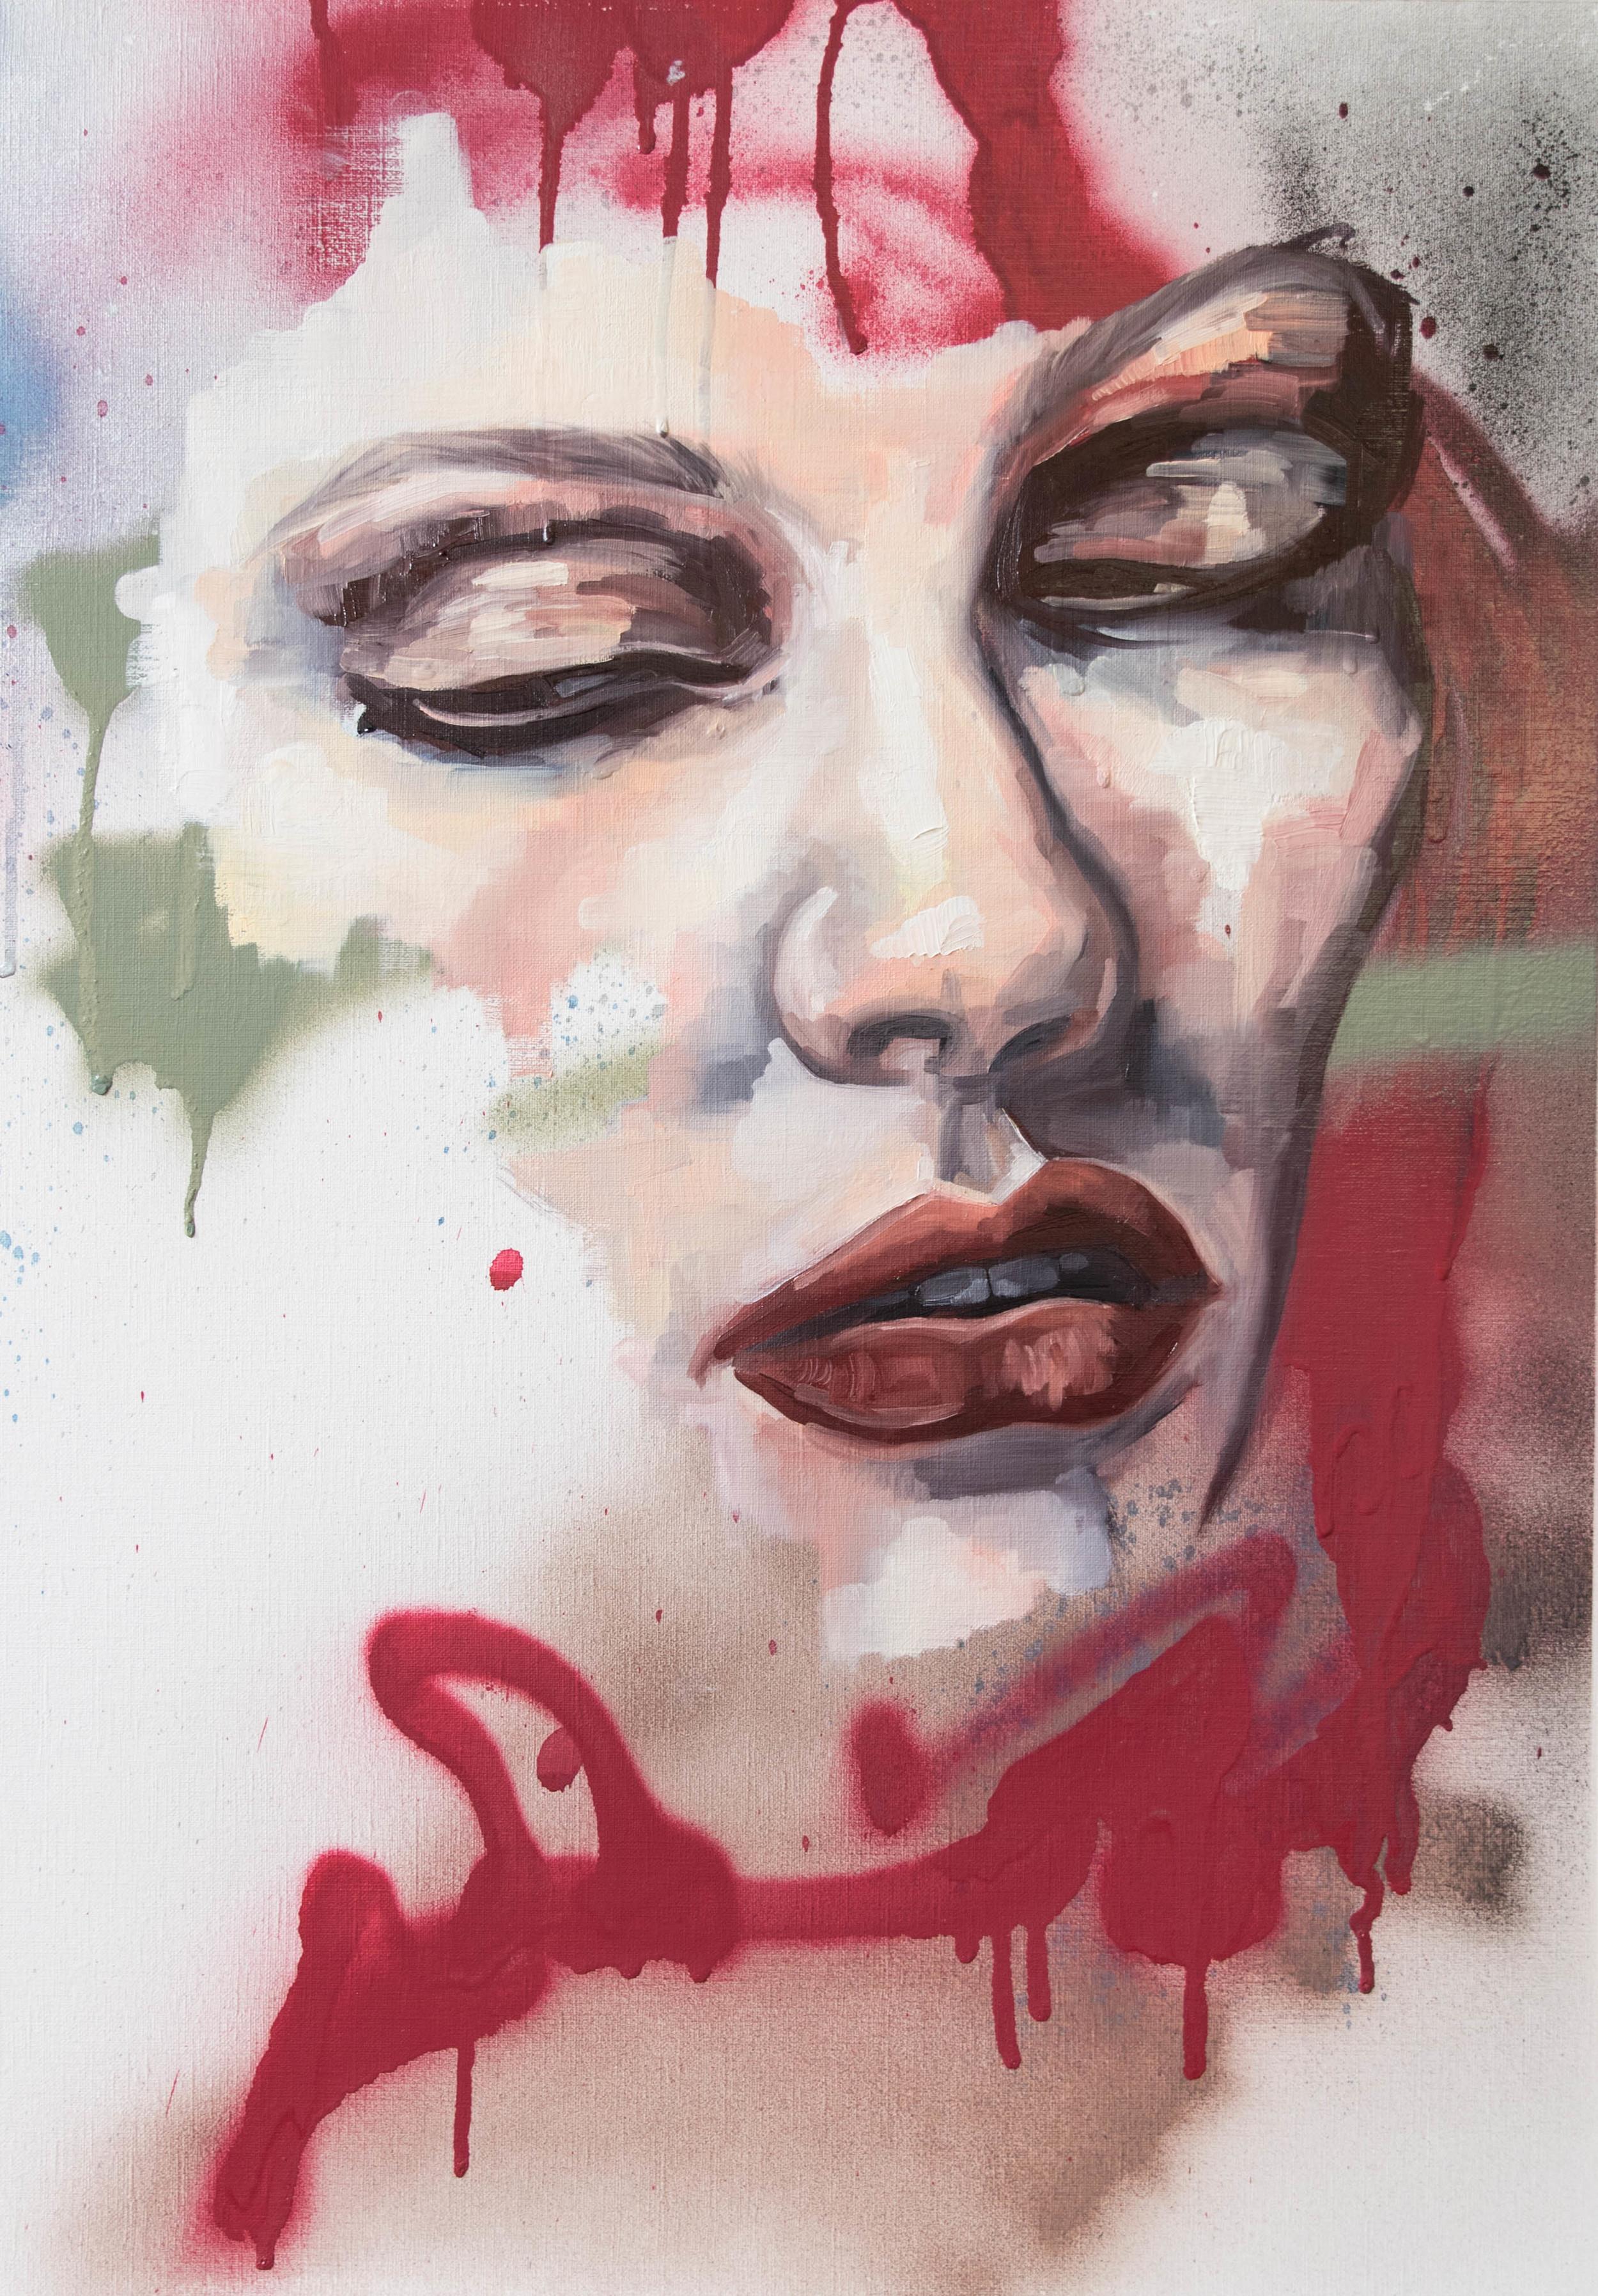 Aesthetics, oil, spray enamel and resin on canvas, 76 x 58 cm